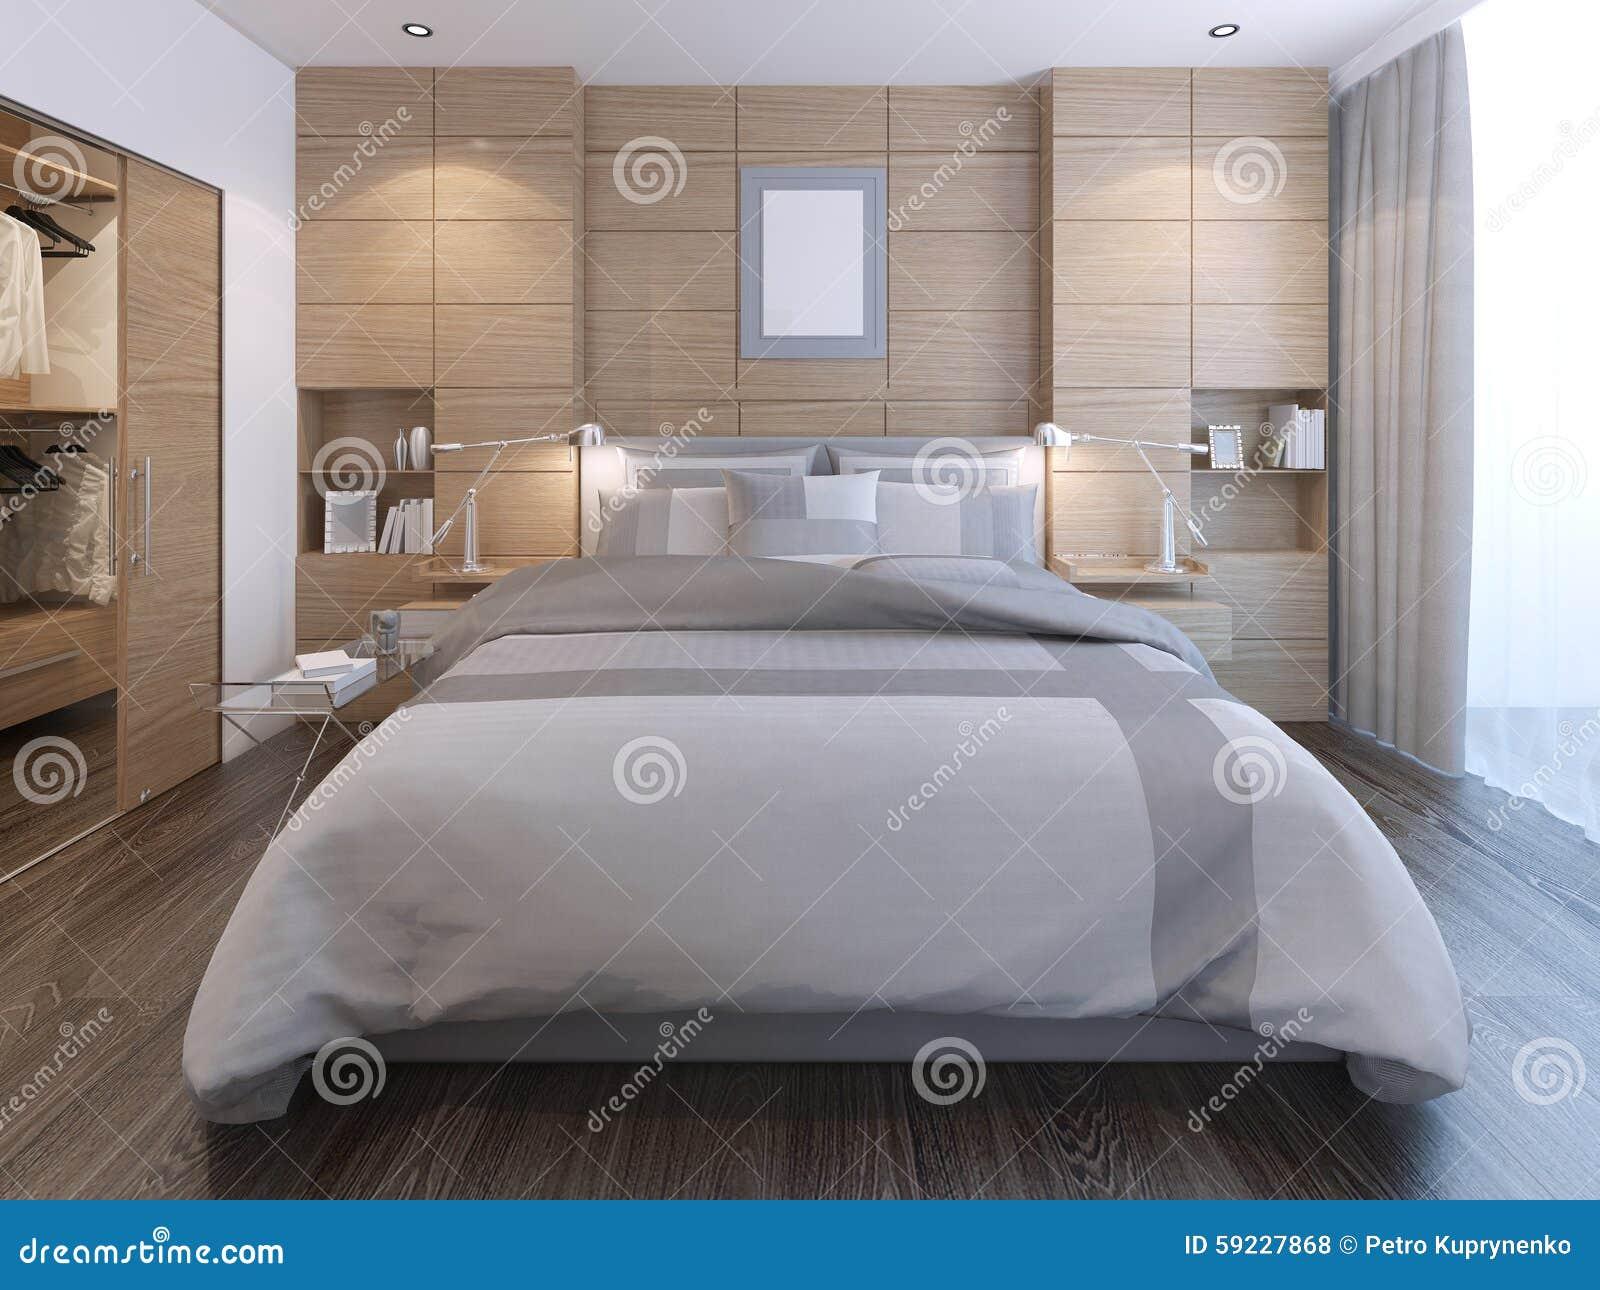 Elegantes Schlafzimmer Mit Wanddekoration Stock Abbildung - Bild ...